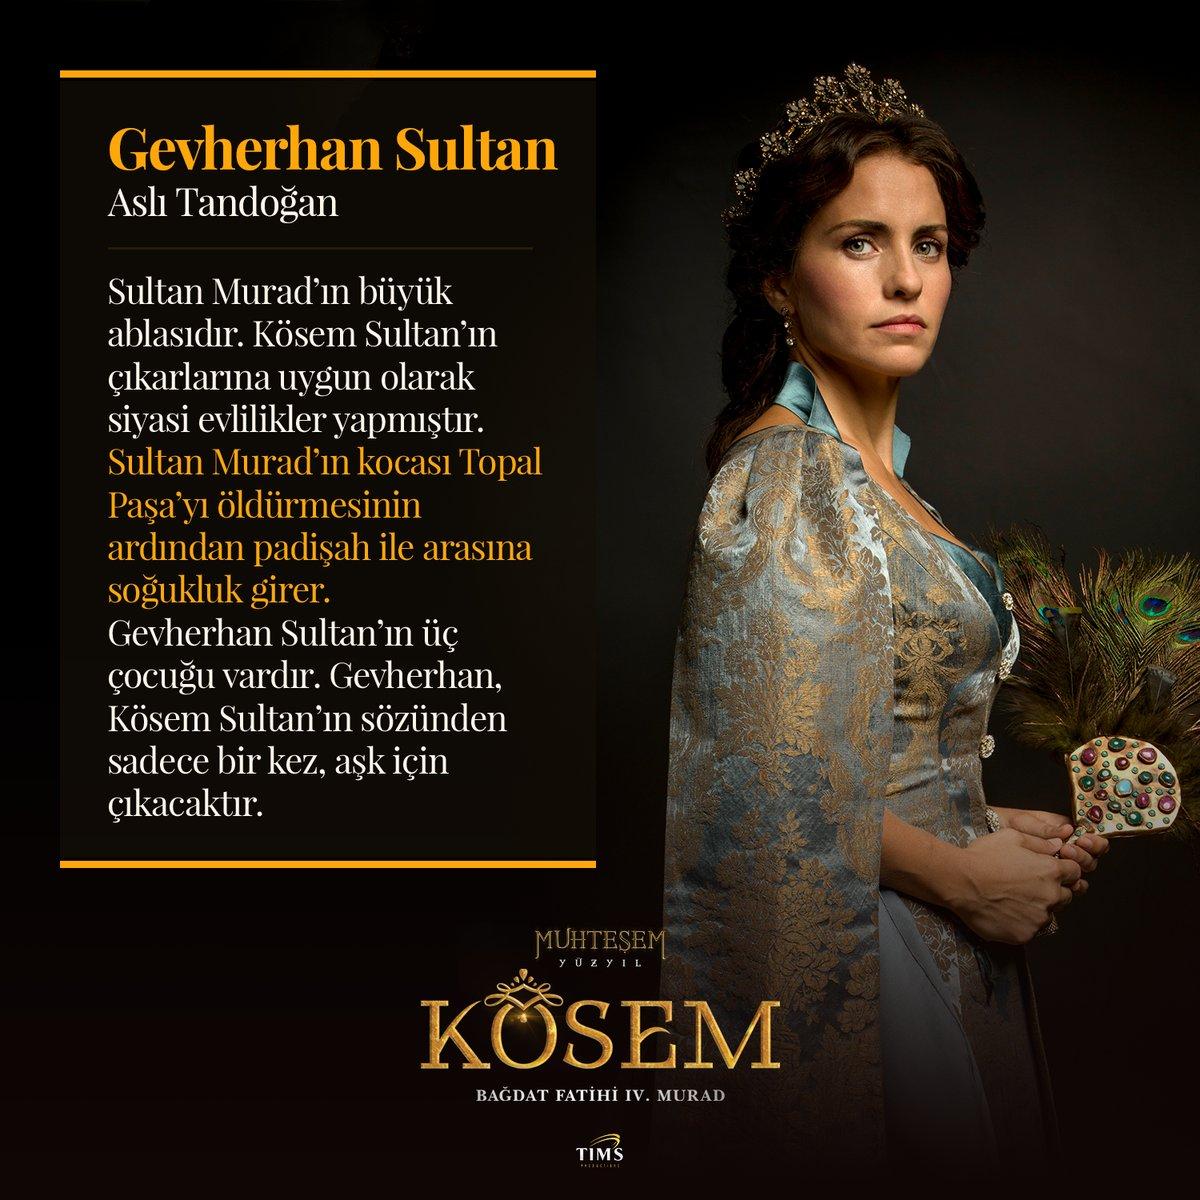 Великолепный век. Кесем - 2 сезон - Muhteşem Yüzyıl Kösem PROMO (Gevherhan Sultan).jpg